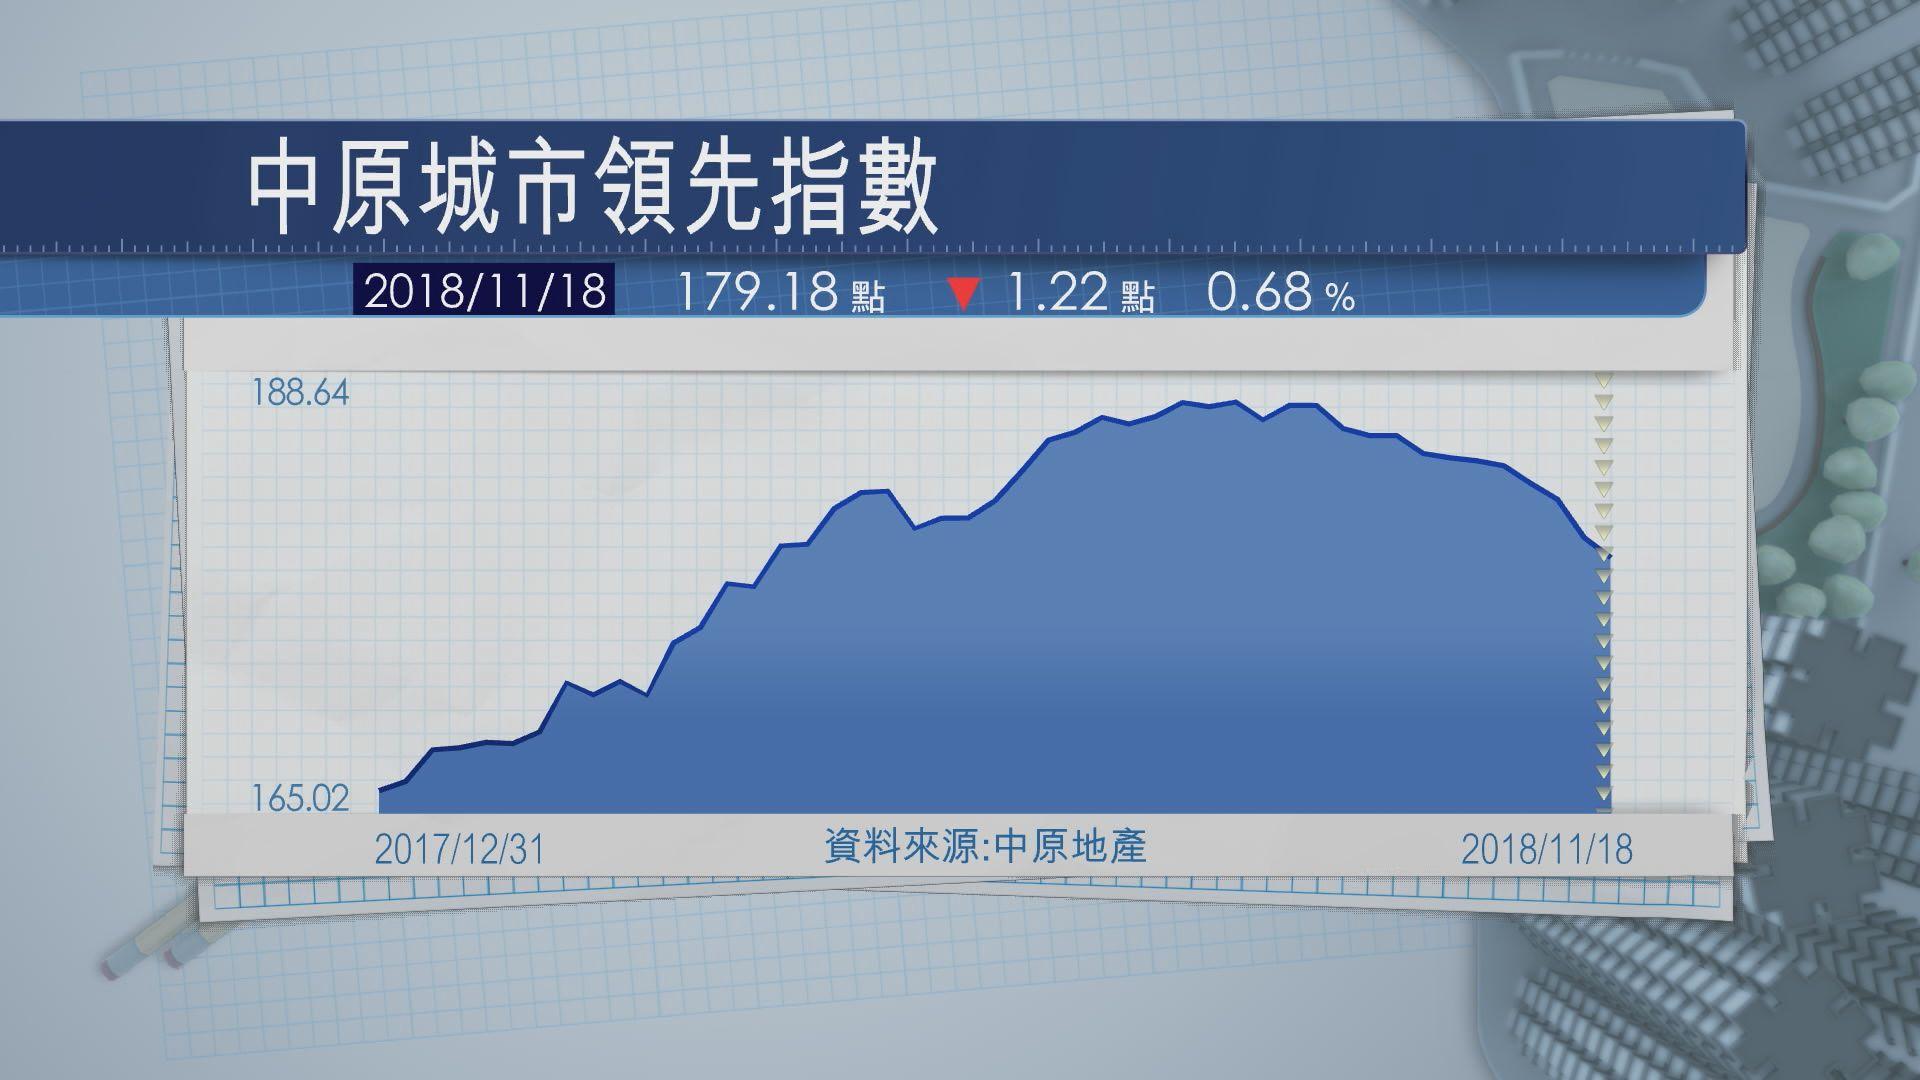 【連跌八周】樓價指數跌近0.7% 失守180